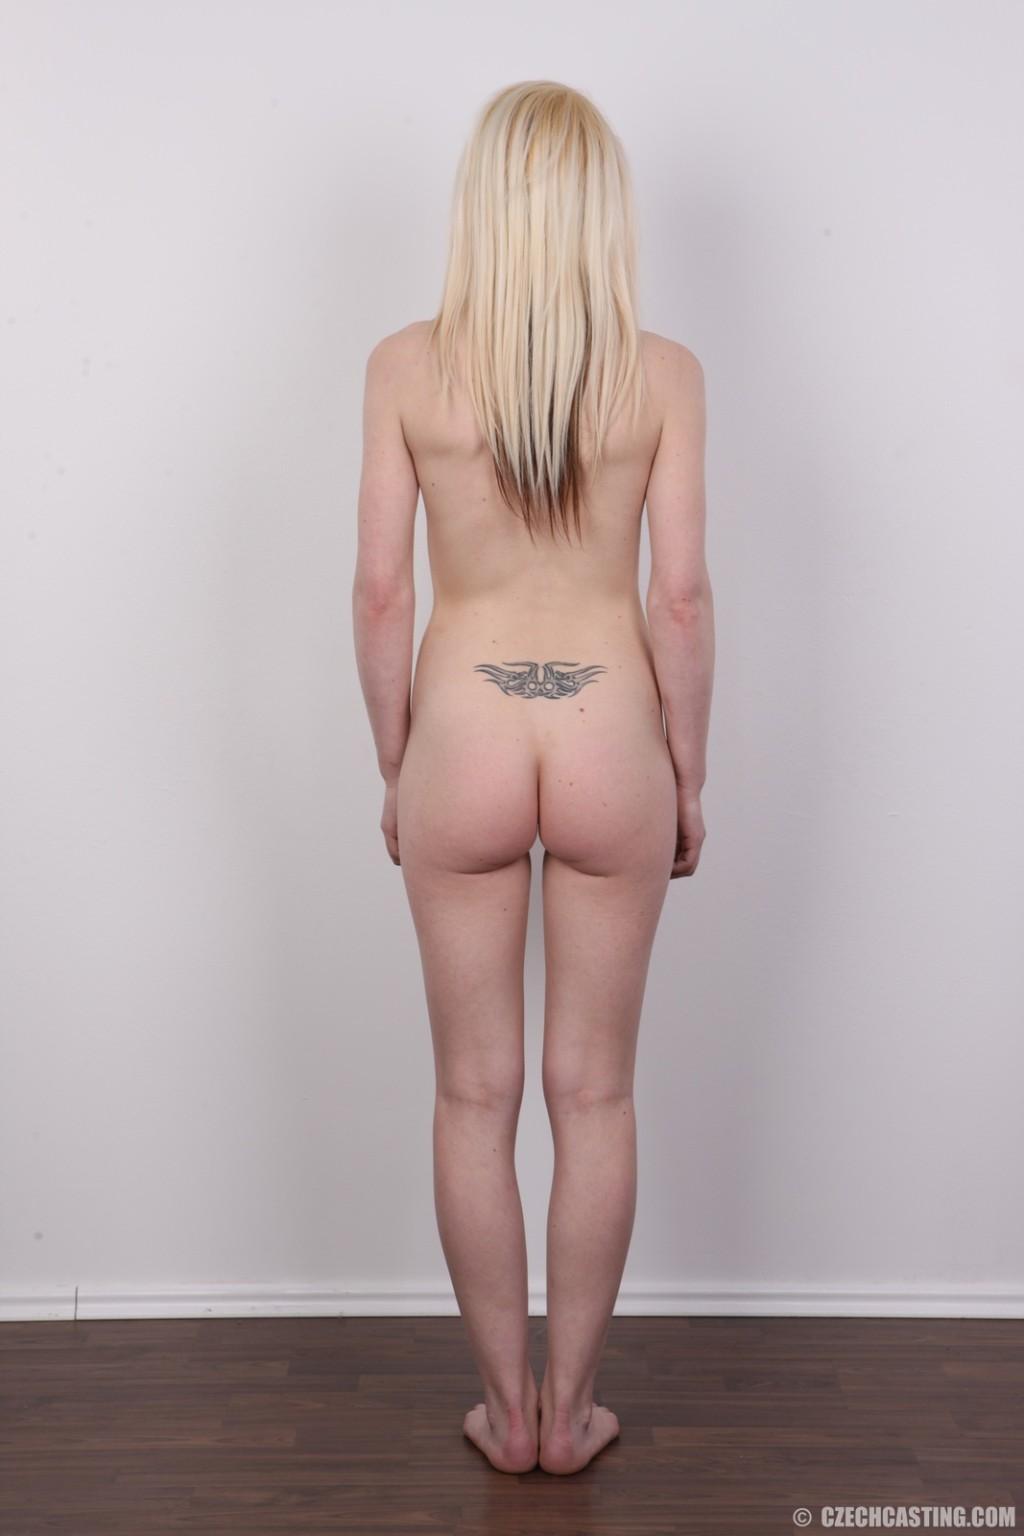 Худая блондинка с красивой пиздой делает красивые вещи перед камерой